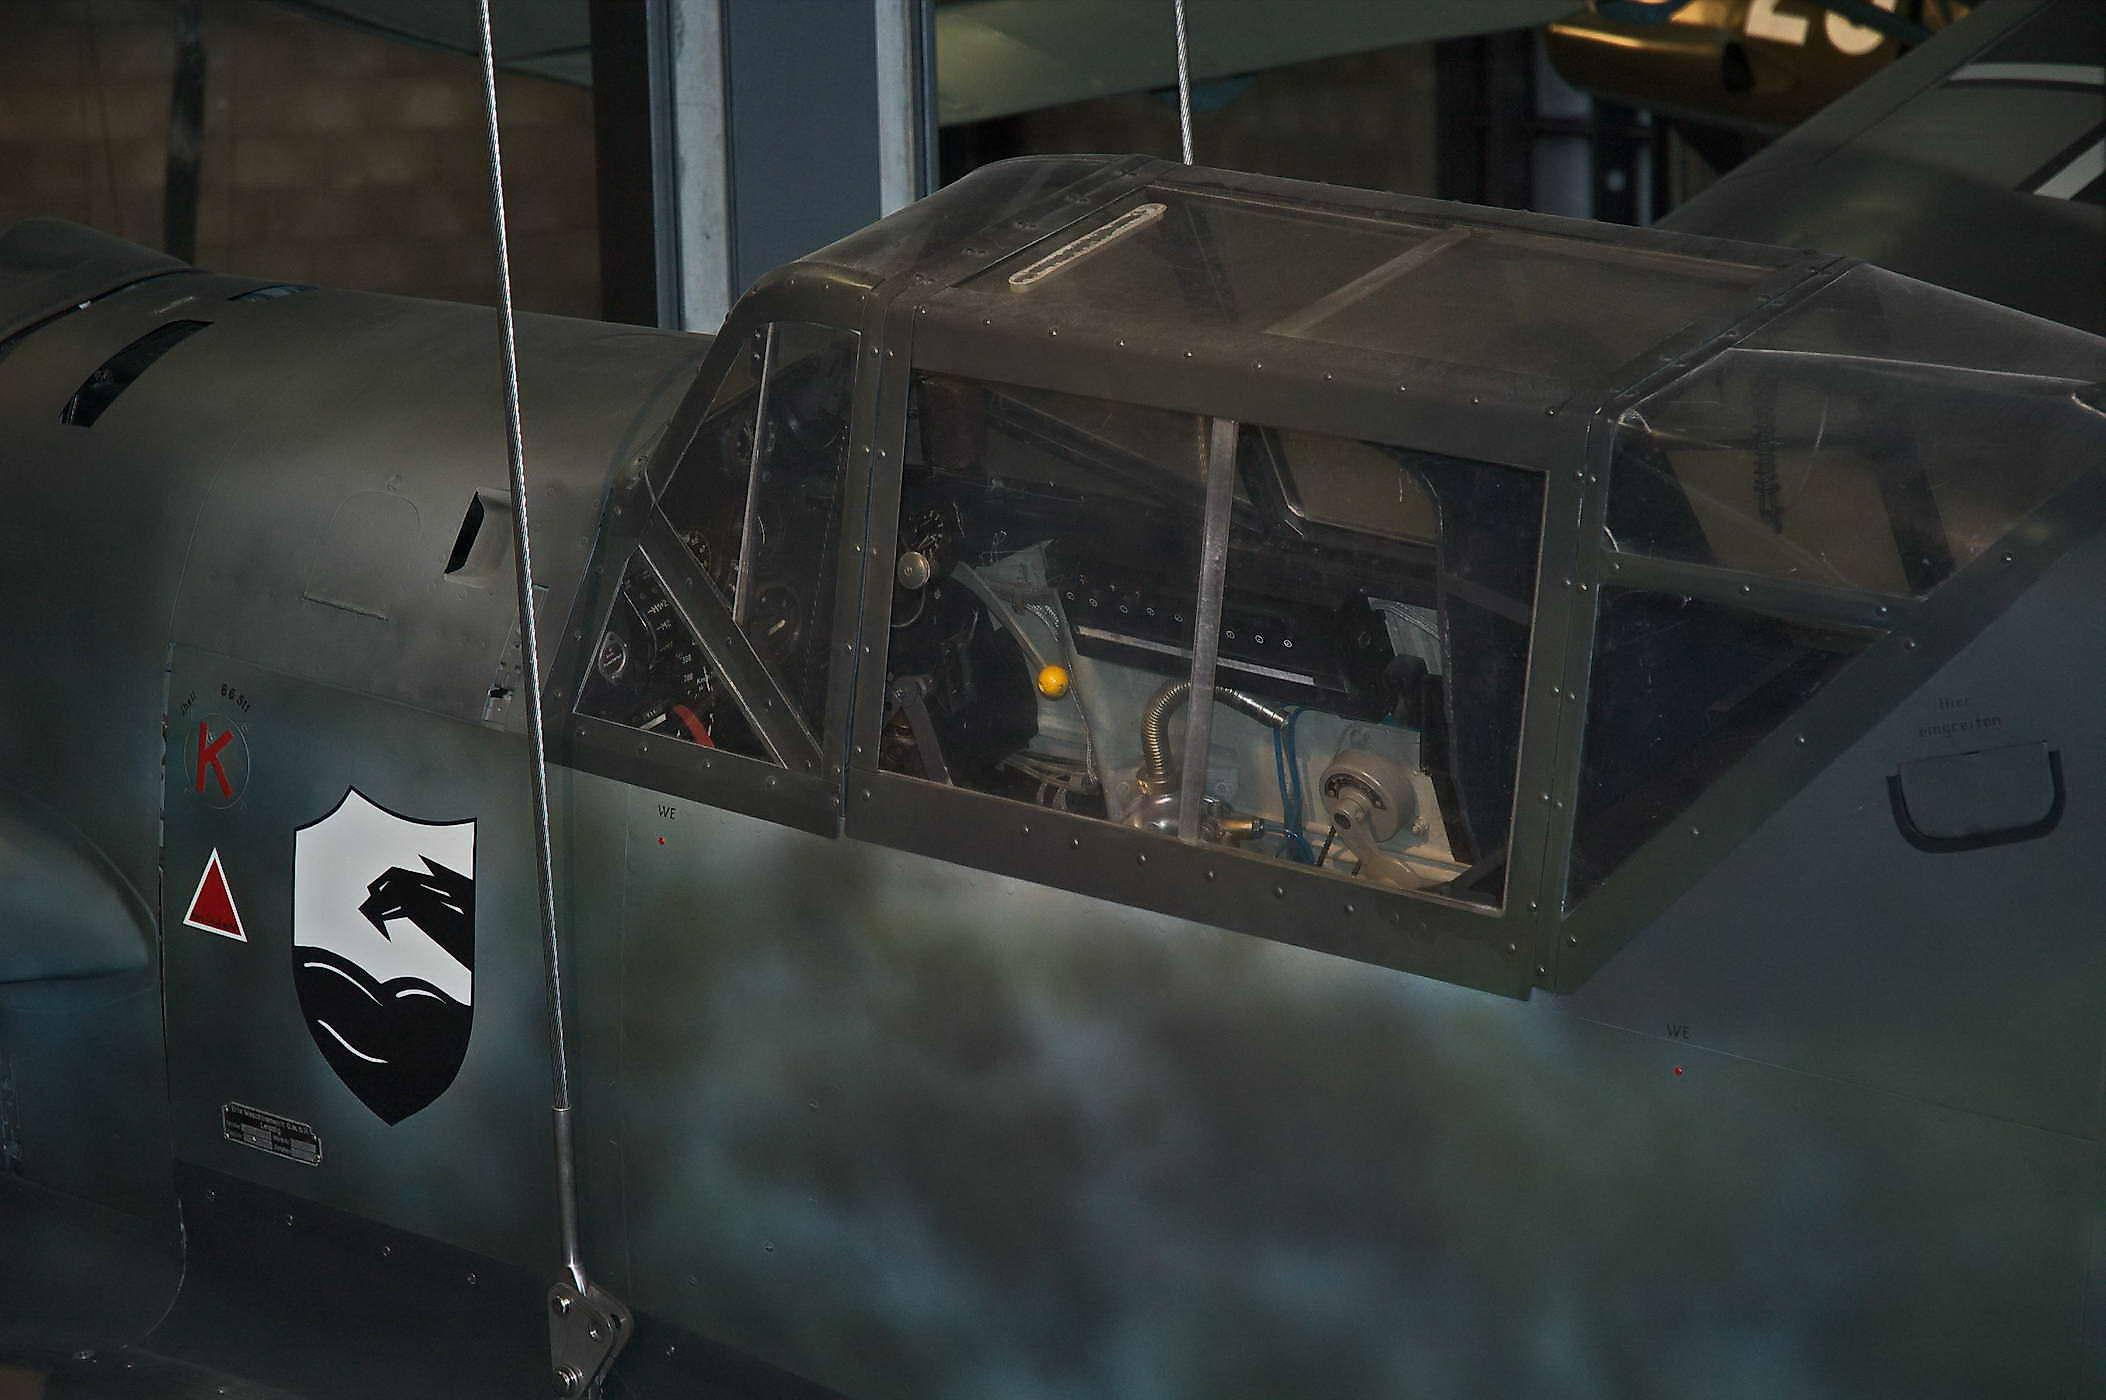 Messeschmitt Bf 109